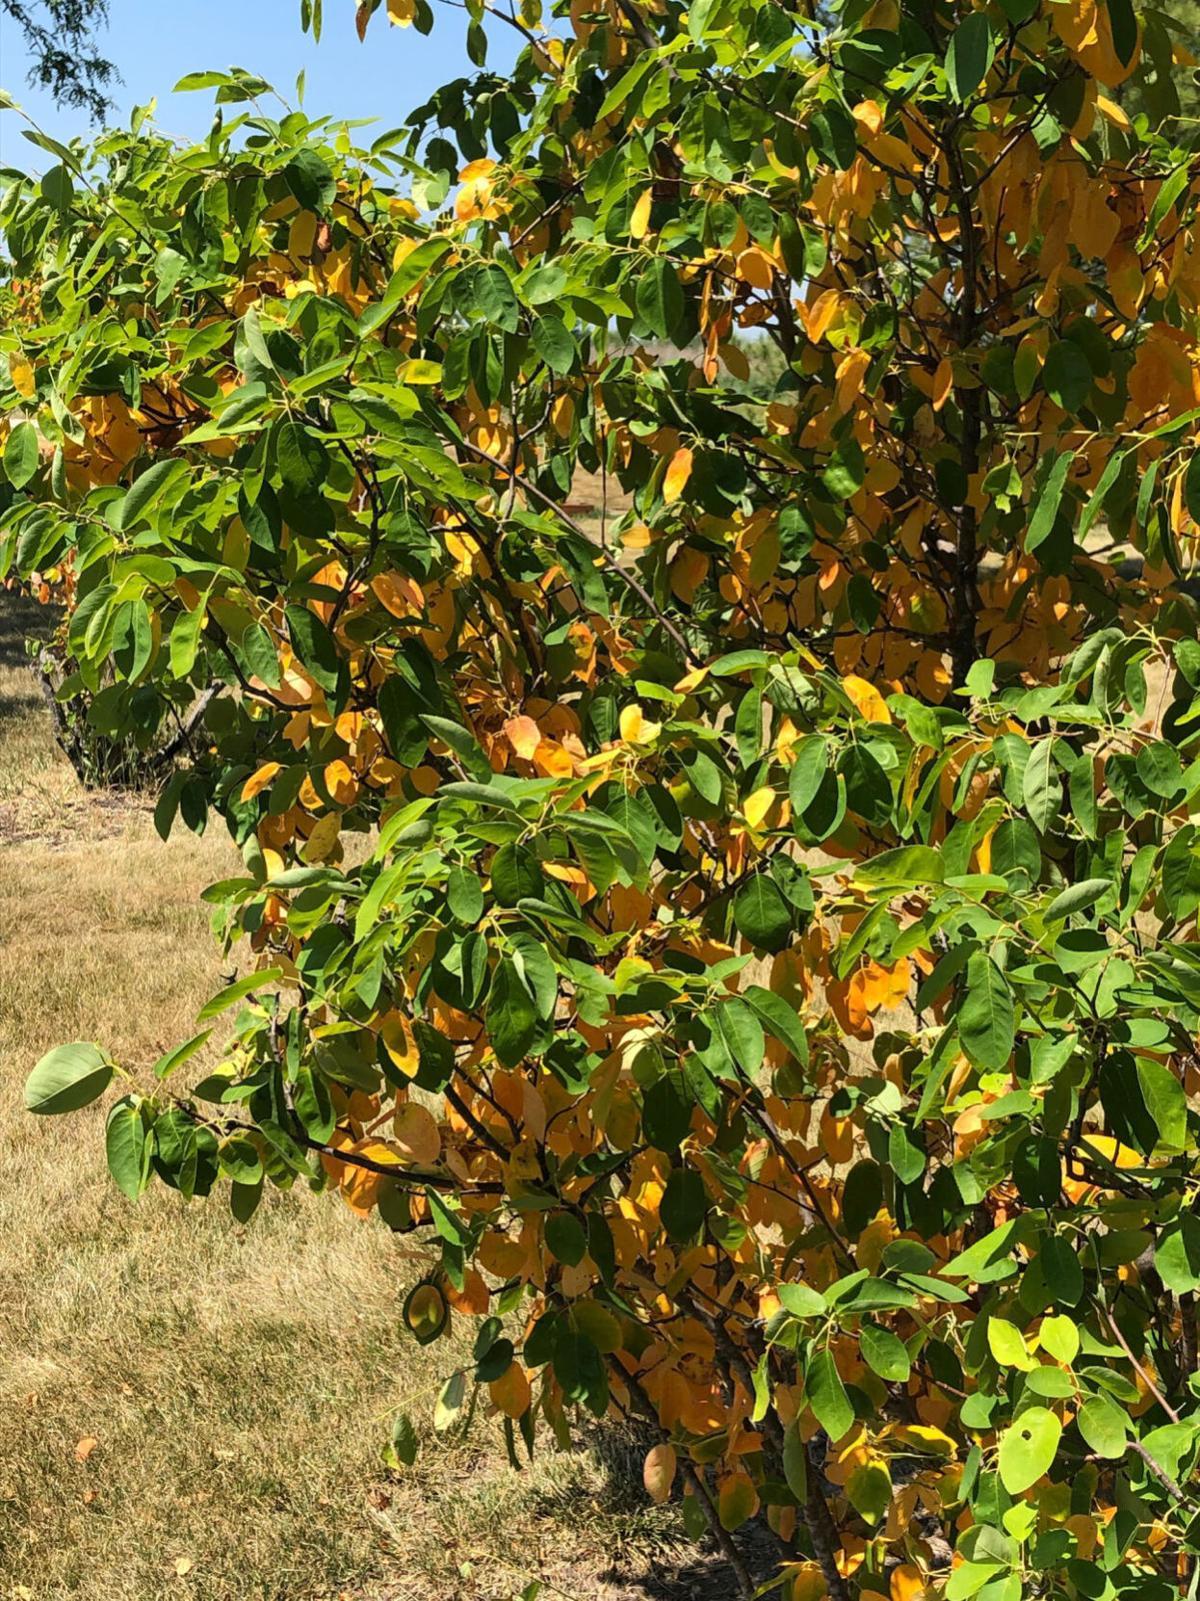 Drought stress on trees at the Kenosha County Center